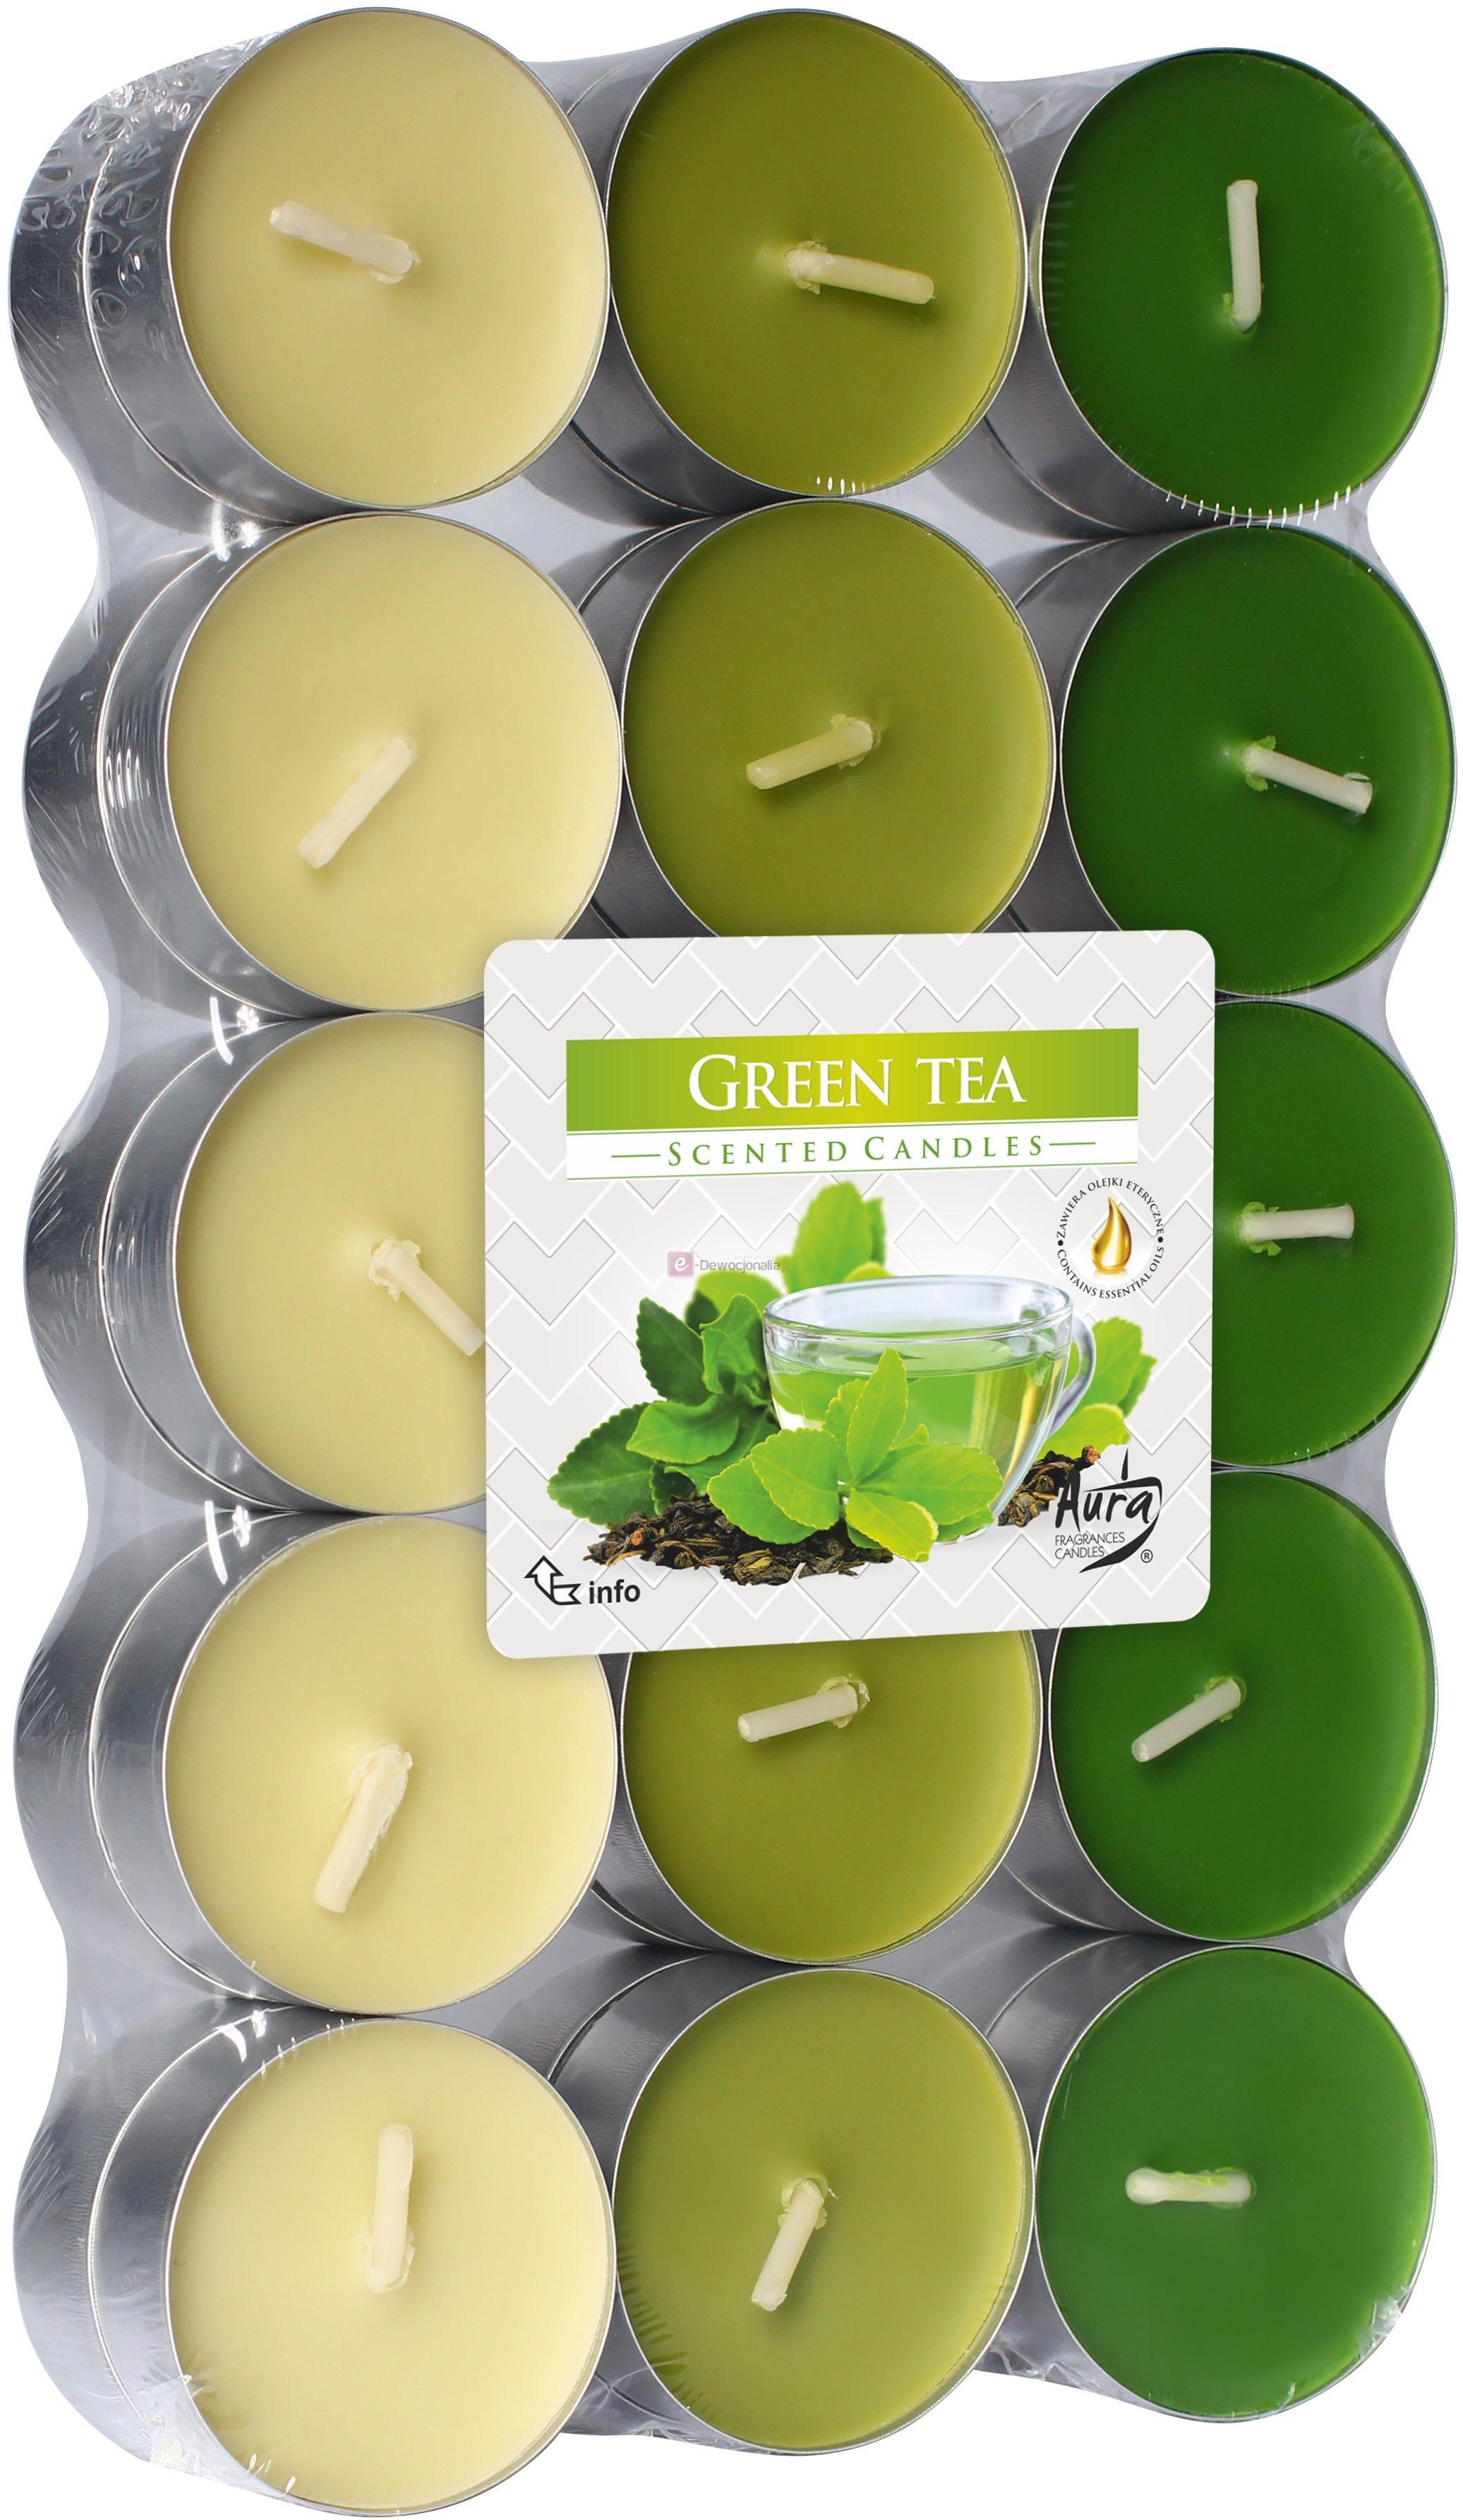 Podgrzewacze zapachowe 30szt - Zielona Herbata GREENTEA tealight